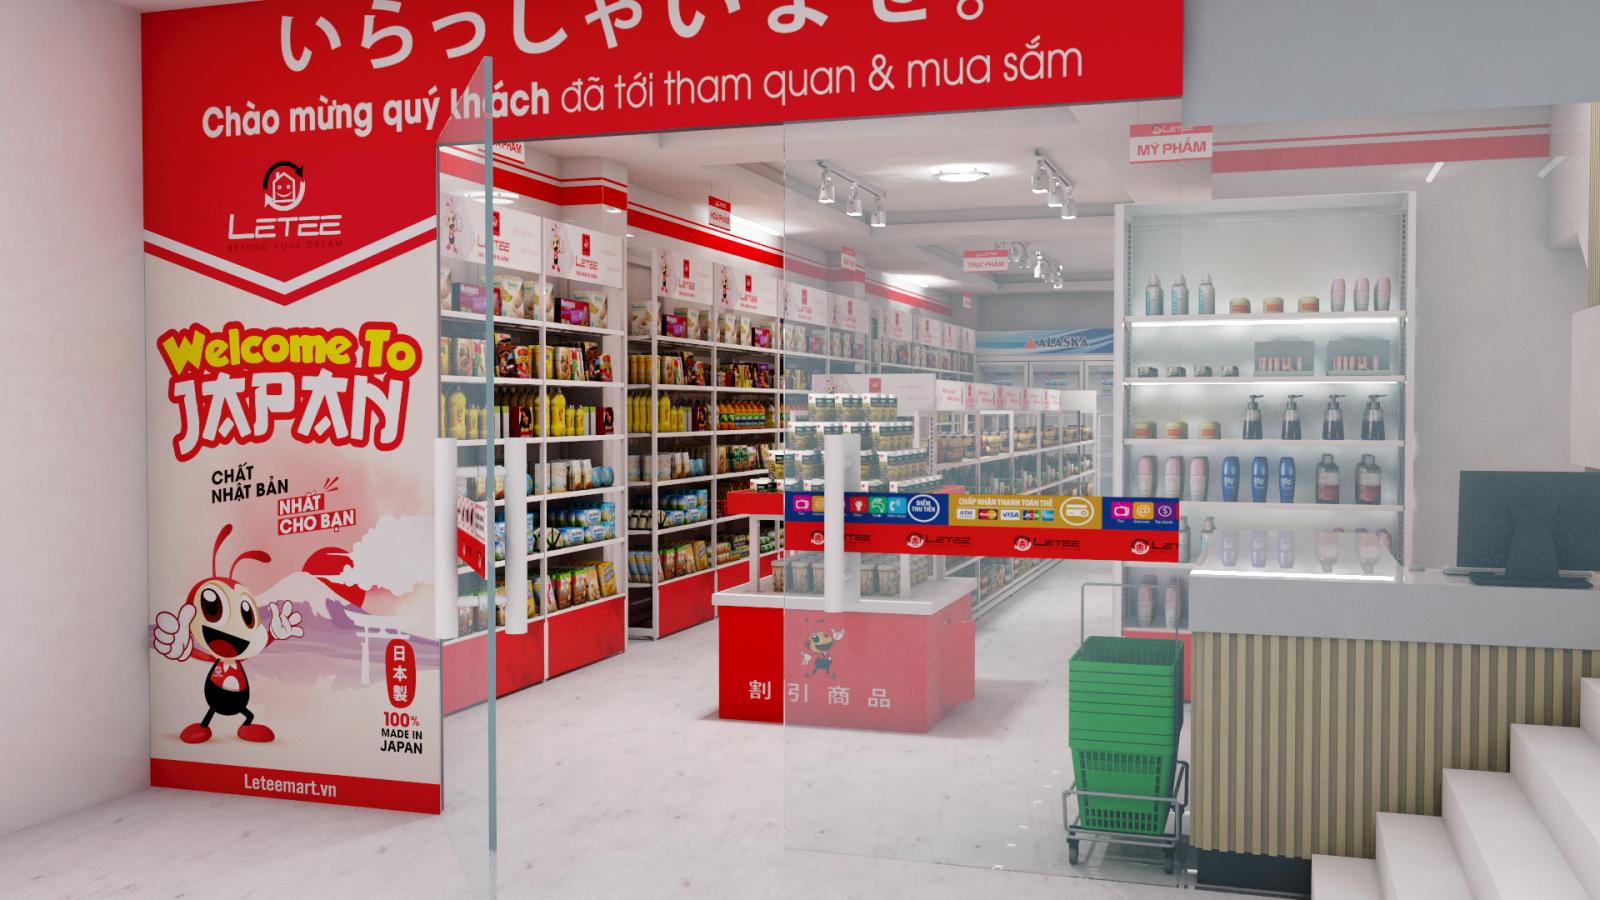 Xu hướng đổ bộ của các chuỗi bán lẻ Nhật Bản vào thị trường Việt Nam - Ảnh 4.